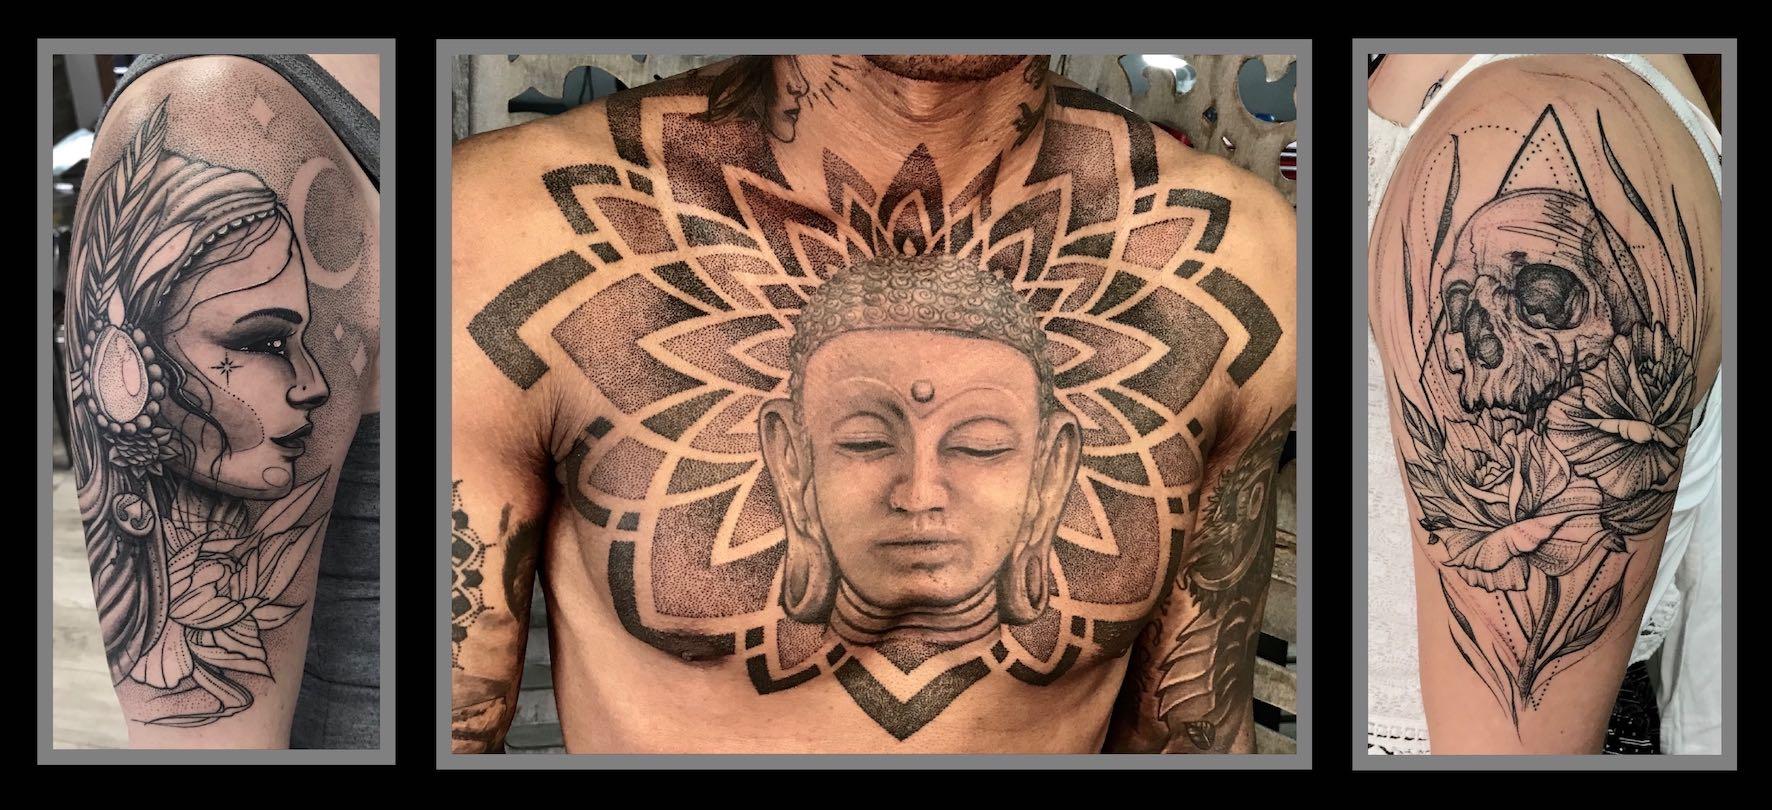 Tattoo work done by John Martin Viljoen